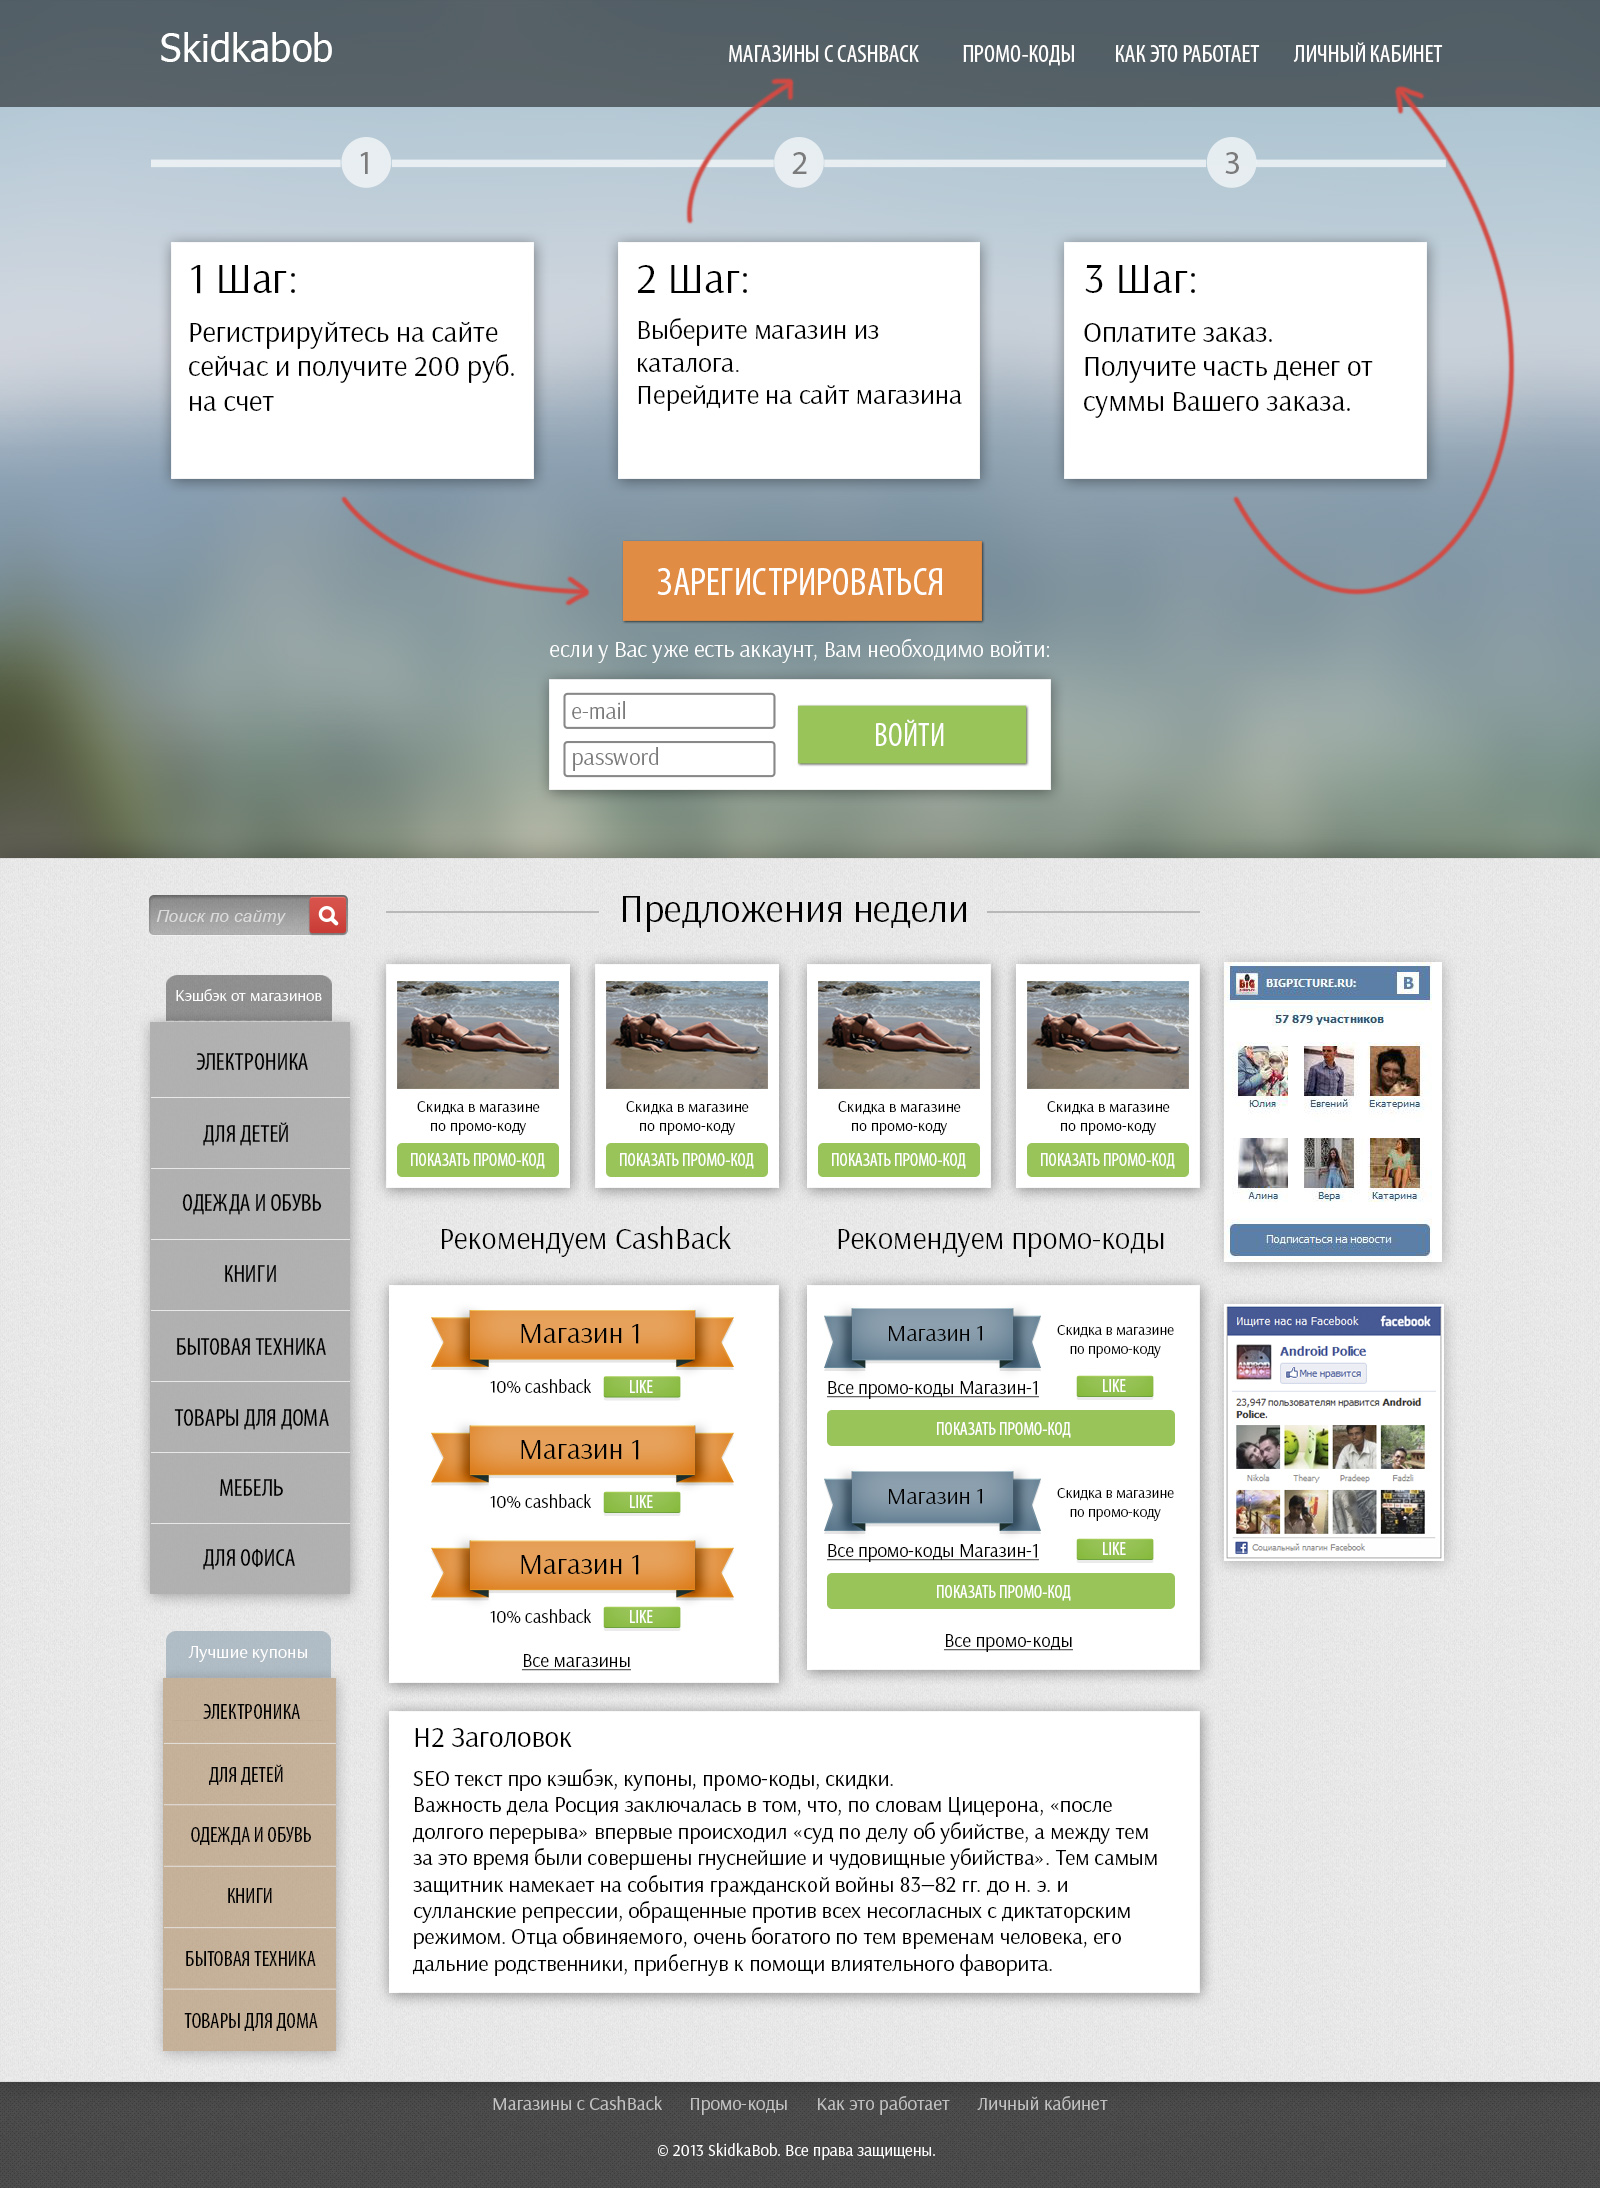 Дизайн + верстка под кюч фото f_980525ee63e4b4e9.jpg